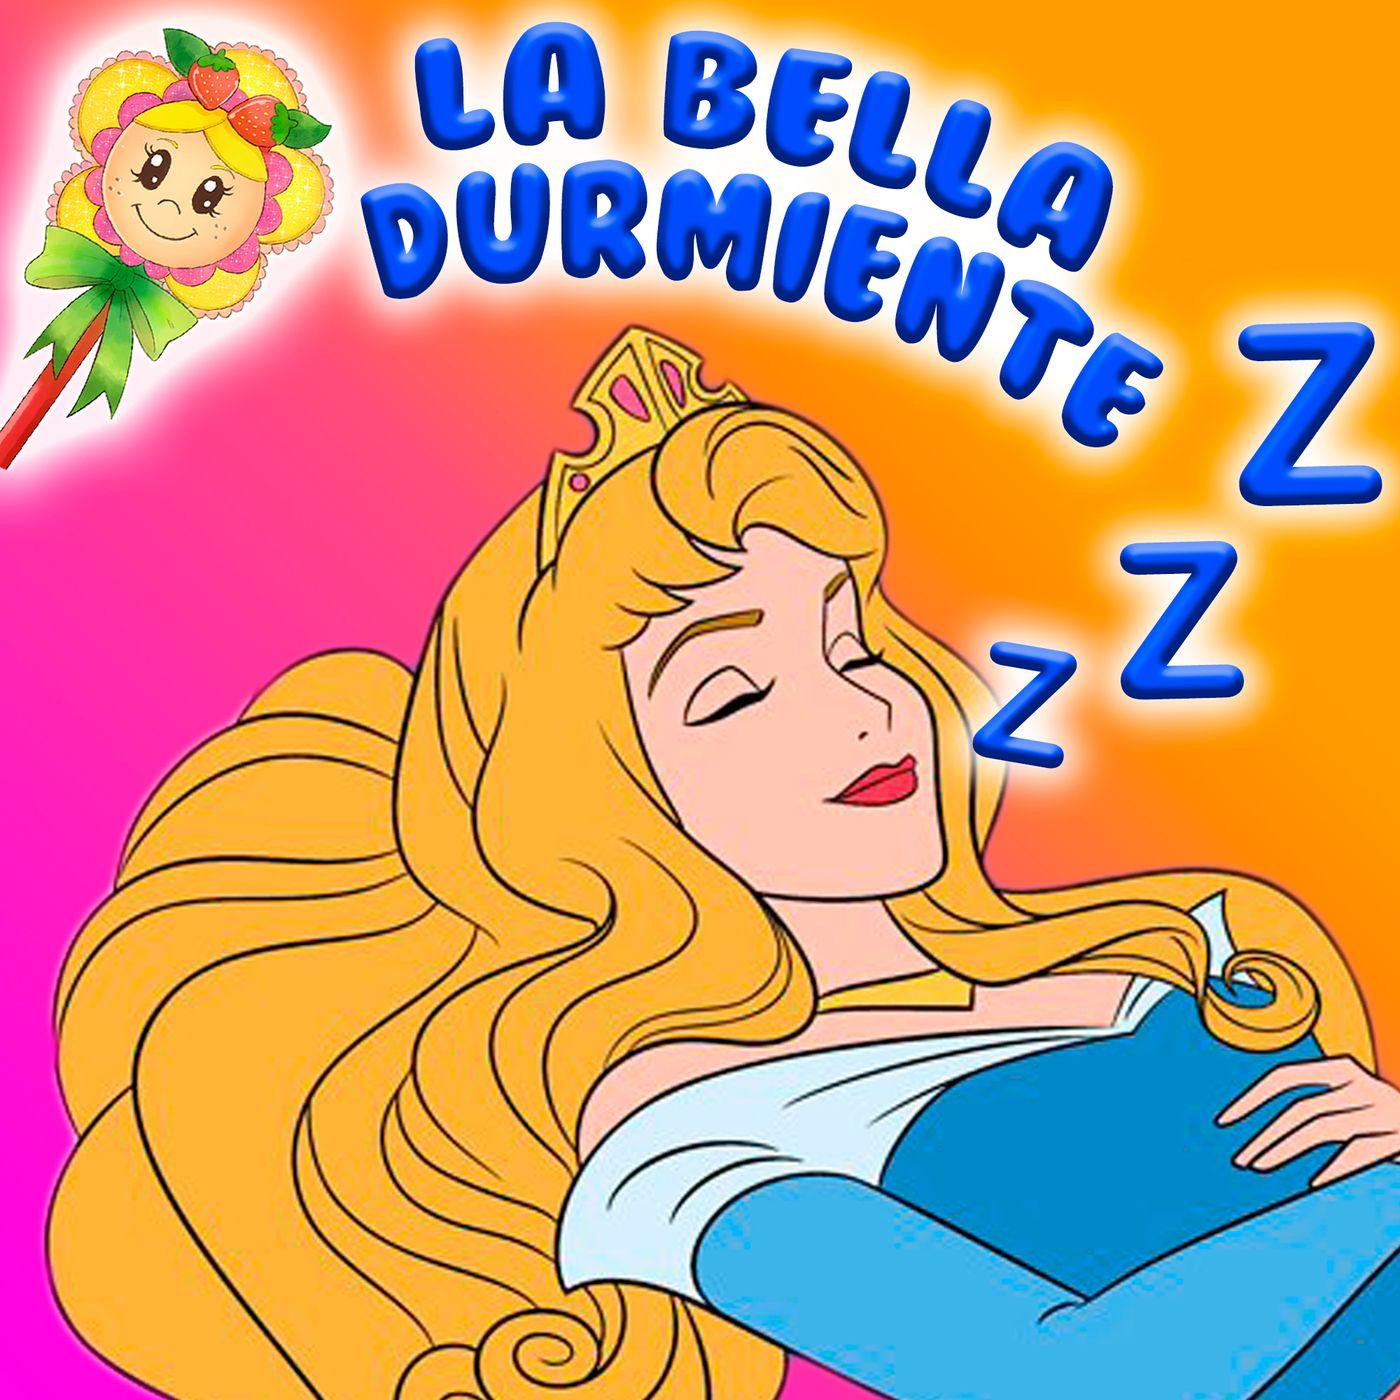 46. Cuento clásico de La bella durmiente. Cuentos infantiles de Hada de Fresa para dormir